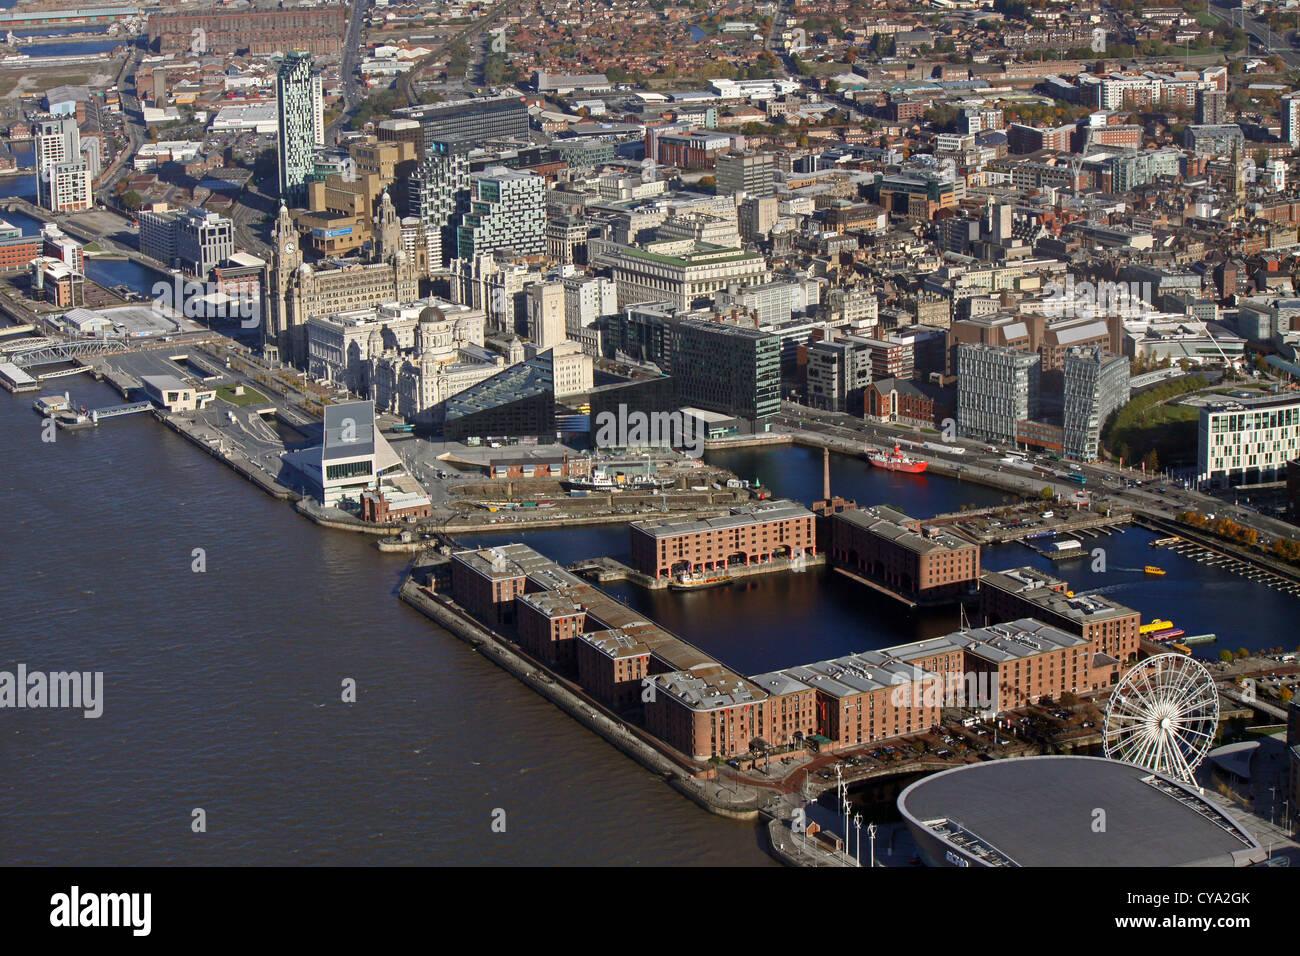 Vue aérienne de Liverpool Albert Dock et waterfront Photo Stock